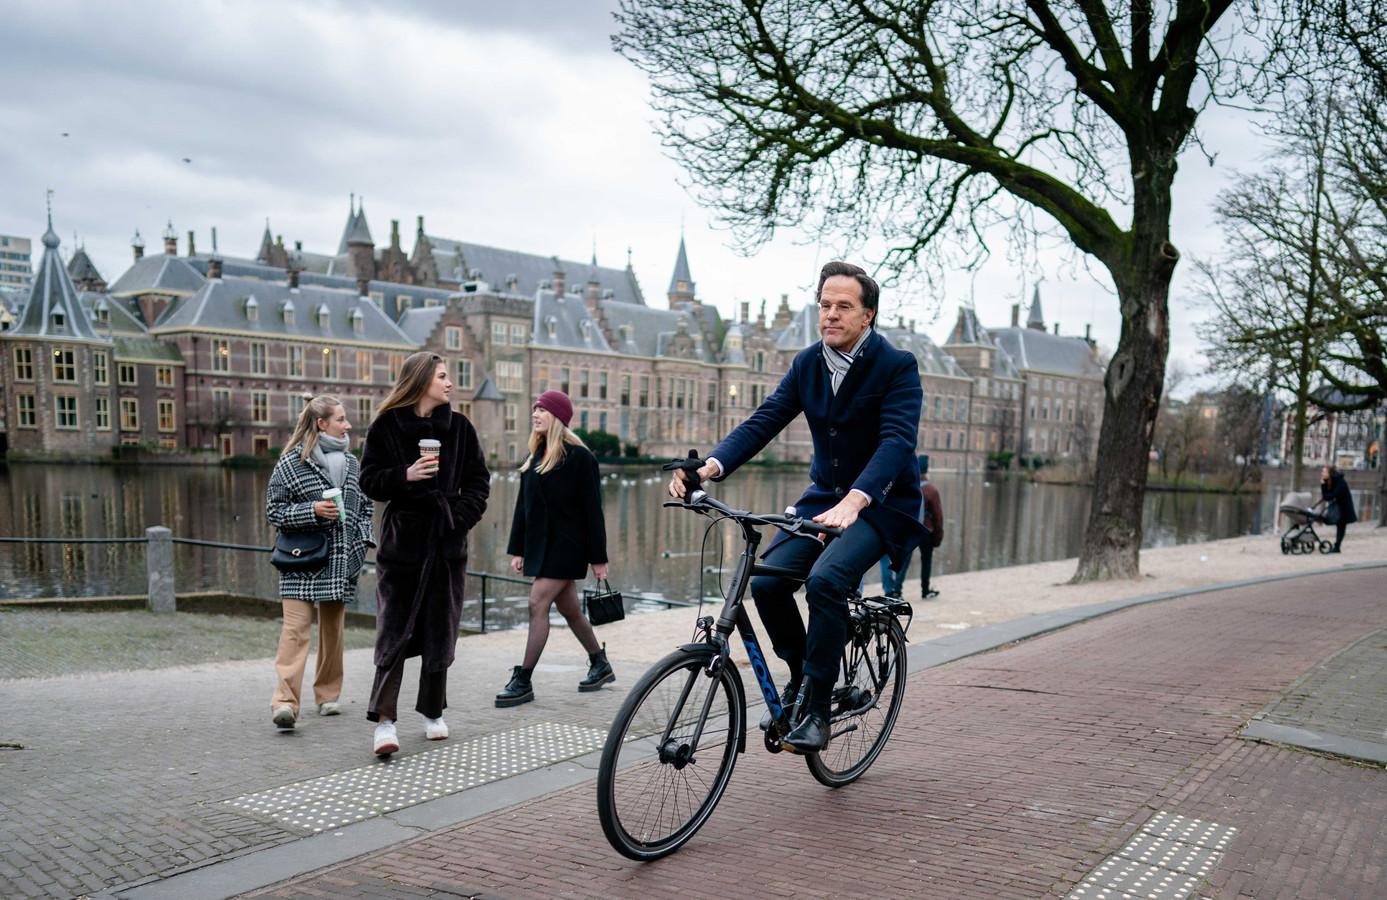 Demissionair Premier Mark Rutte was vrijdag op zijn Koga F3 onderweg naar koning Willem-Alexander om het ontslag aan te bieden van zijn kabinet. Het kabinet besloot op te stappen na het vernietigende rapport over de toeslagenaffaire.